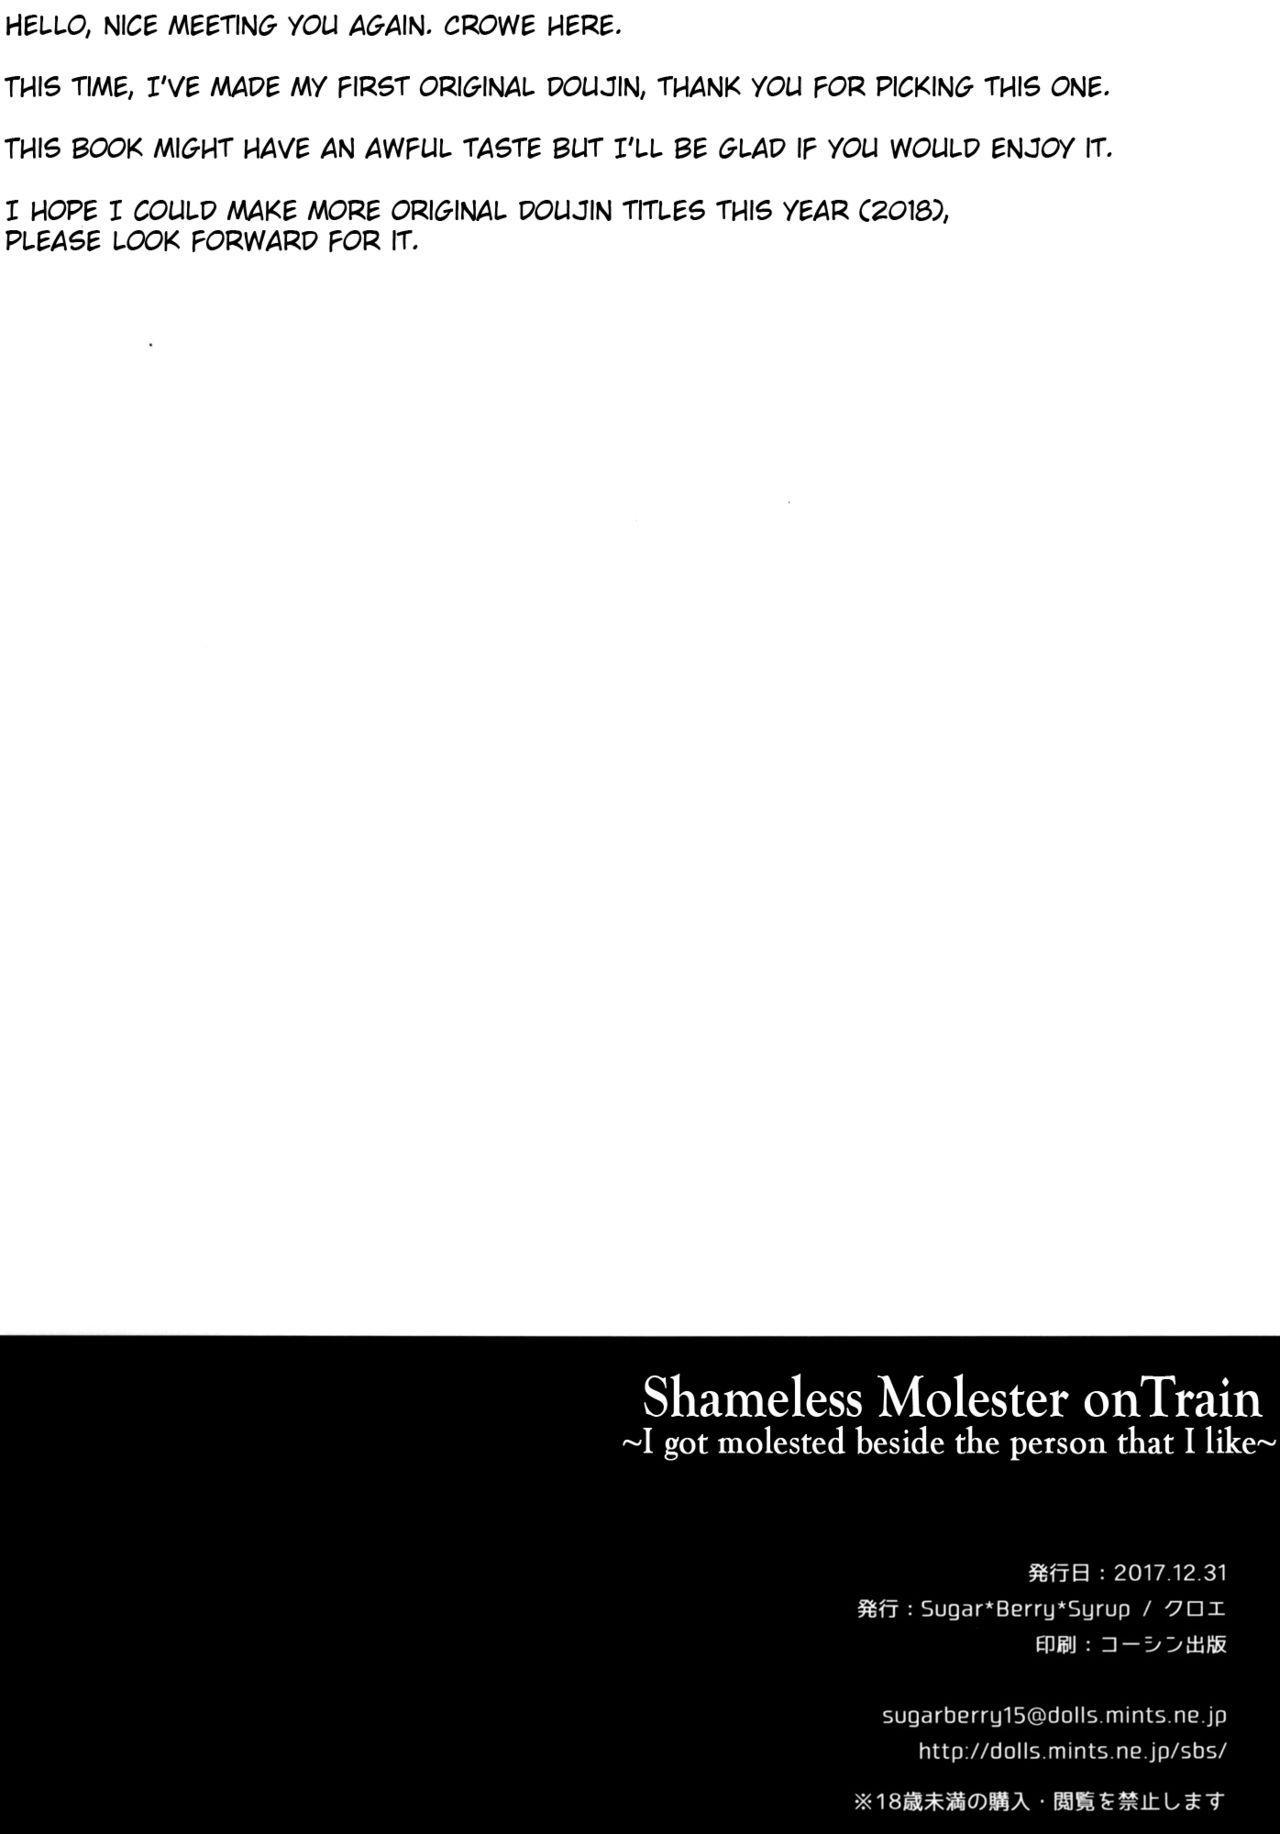 (C93) [Sugar*Berry*Syrup (Kuroe)] Chijoku no Chikan Densha ~Watashi, Sukina Hito no Soba de Chikan Saremashita~ | Shameless Molester on Train ~I got molested beside  the person that I like~ [English] [obsoletezero] 2